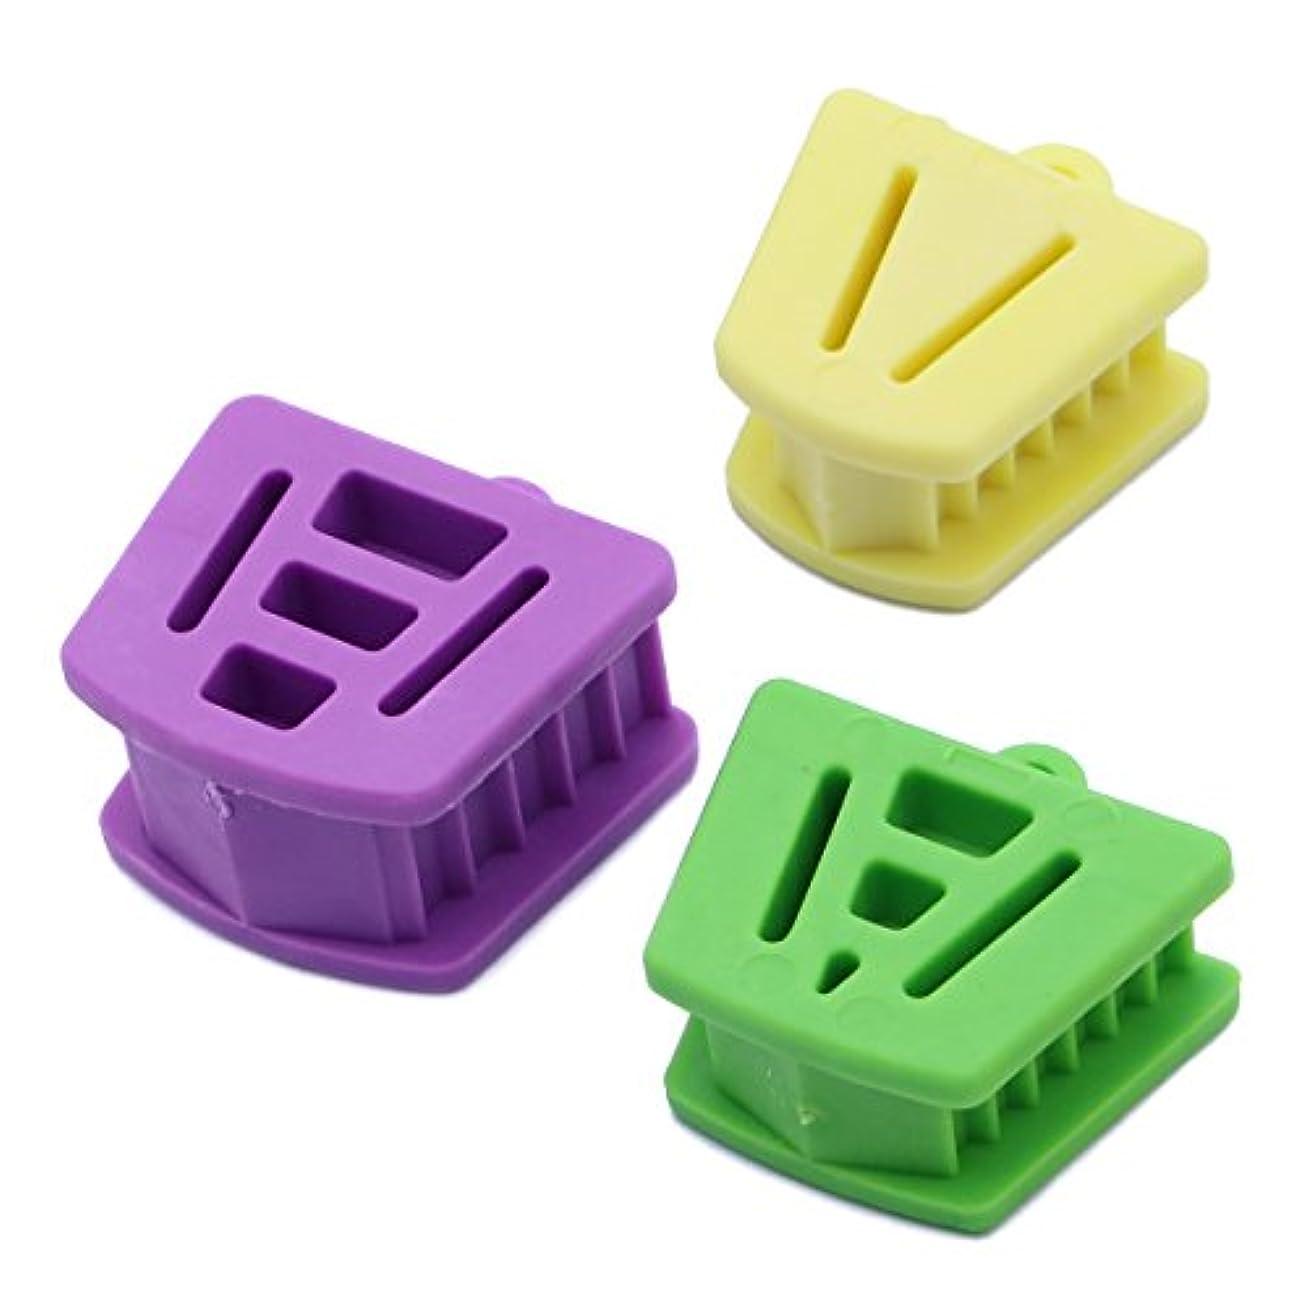 テストカラスイソギンチャクHealifty 3個/パック口プロップバイトブロック歯科口腔内支持矯正用アクセサリー